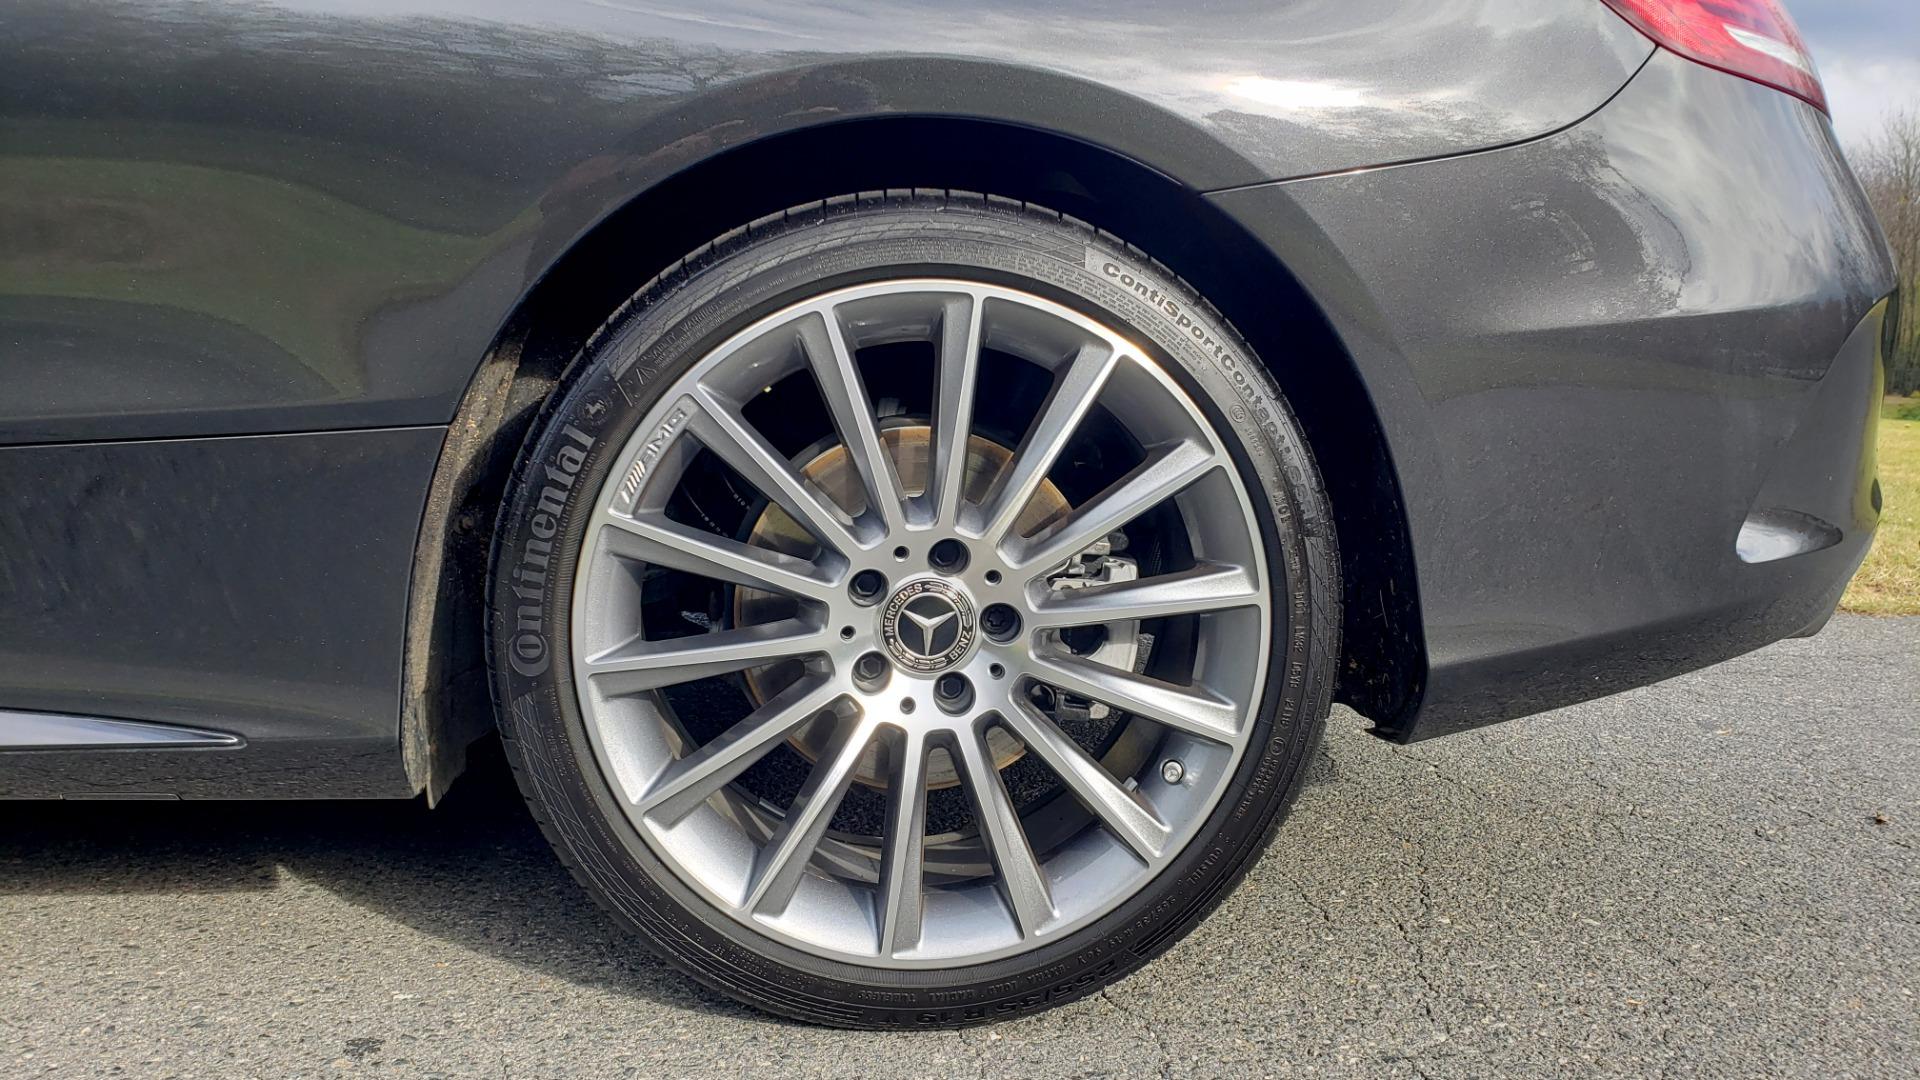 Used 2019 Mercedes-Benz C-CLASS C 300 CABRIOLET / PREM PKG / NAV / BURMESTER / MULTIMEDIA for sale Sold at Formula Imports in Charlotte NC 28227 85